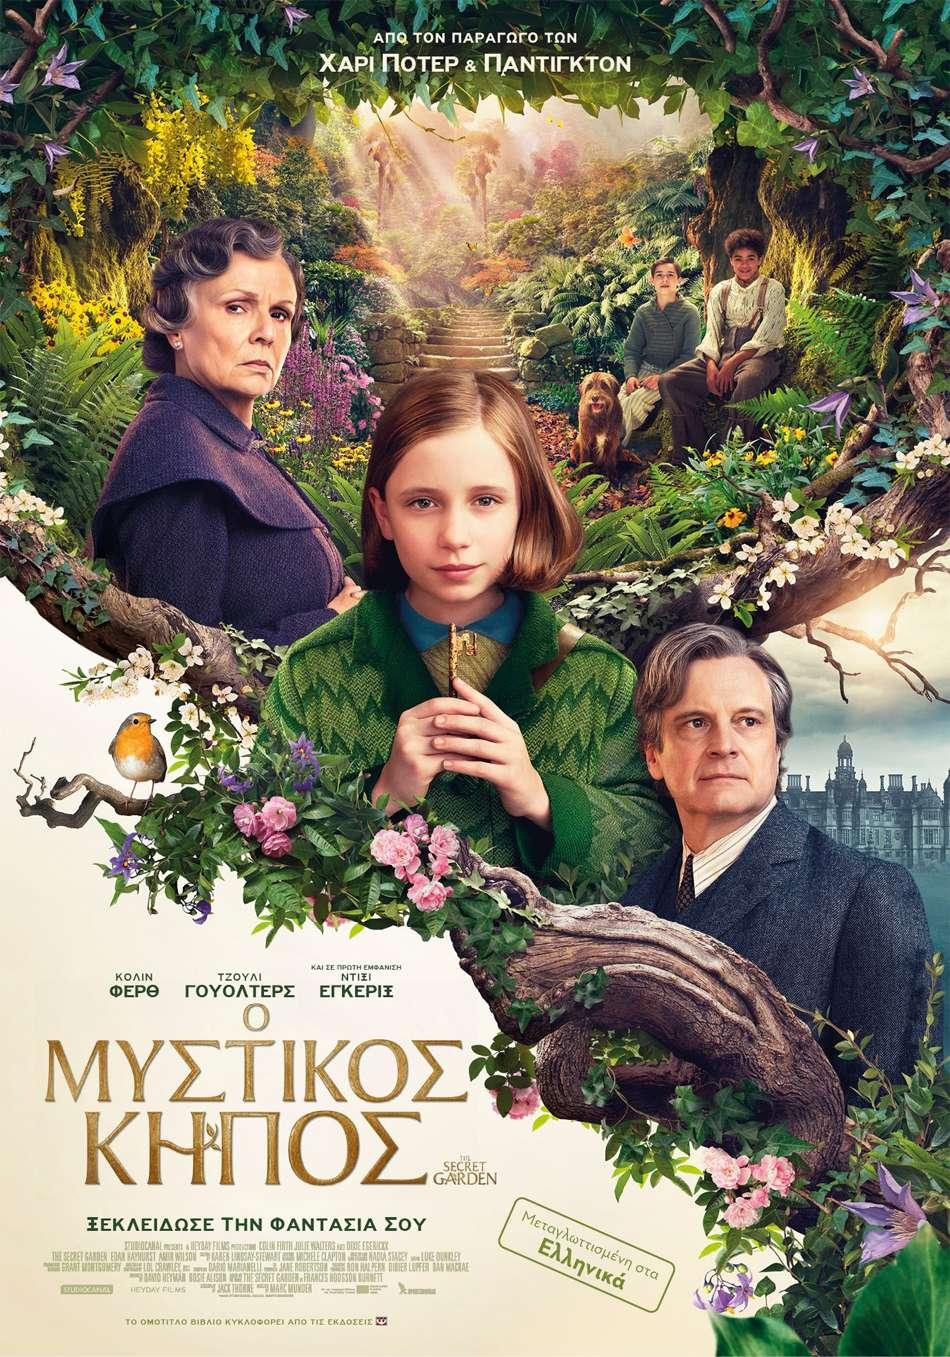 Ο Μυστικός Κήπος (The Secret Garden) Poster